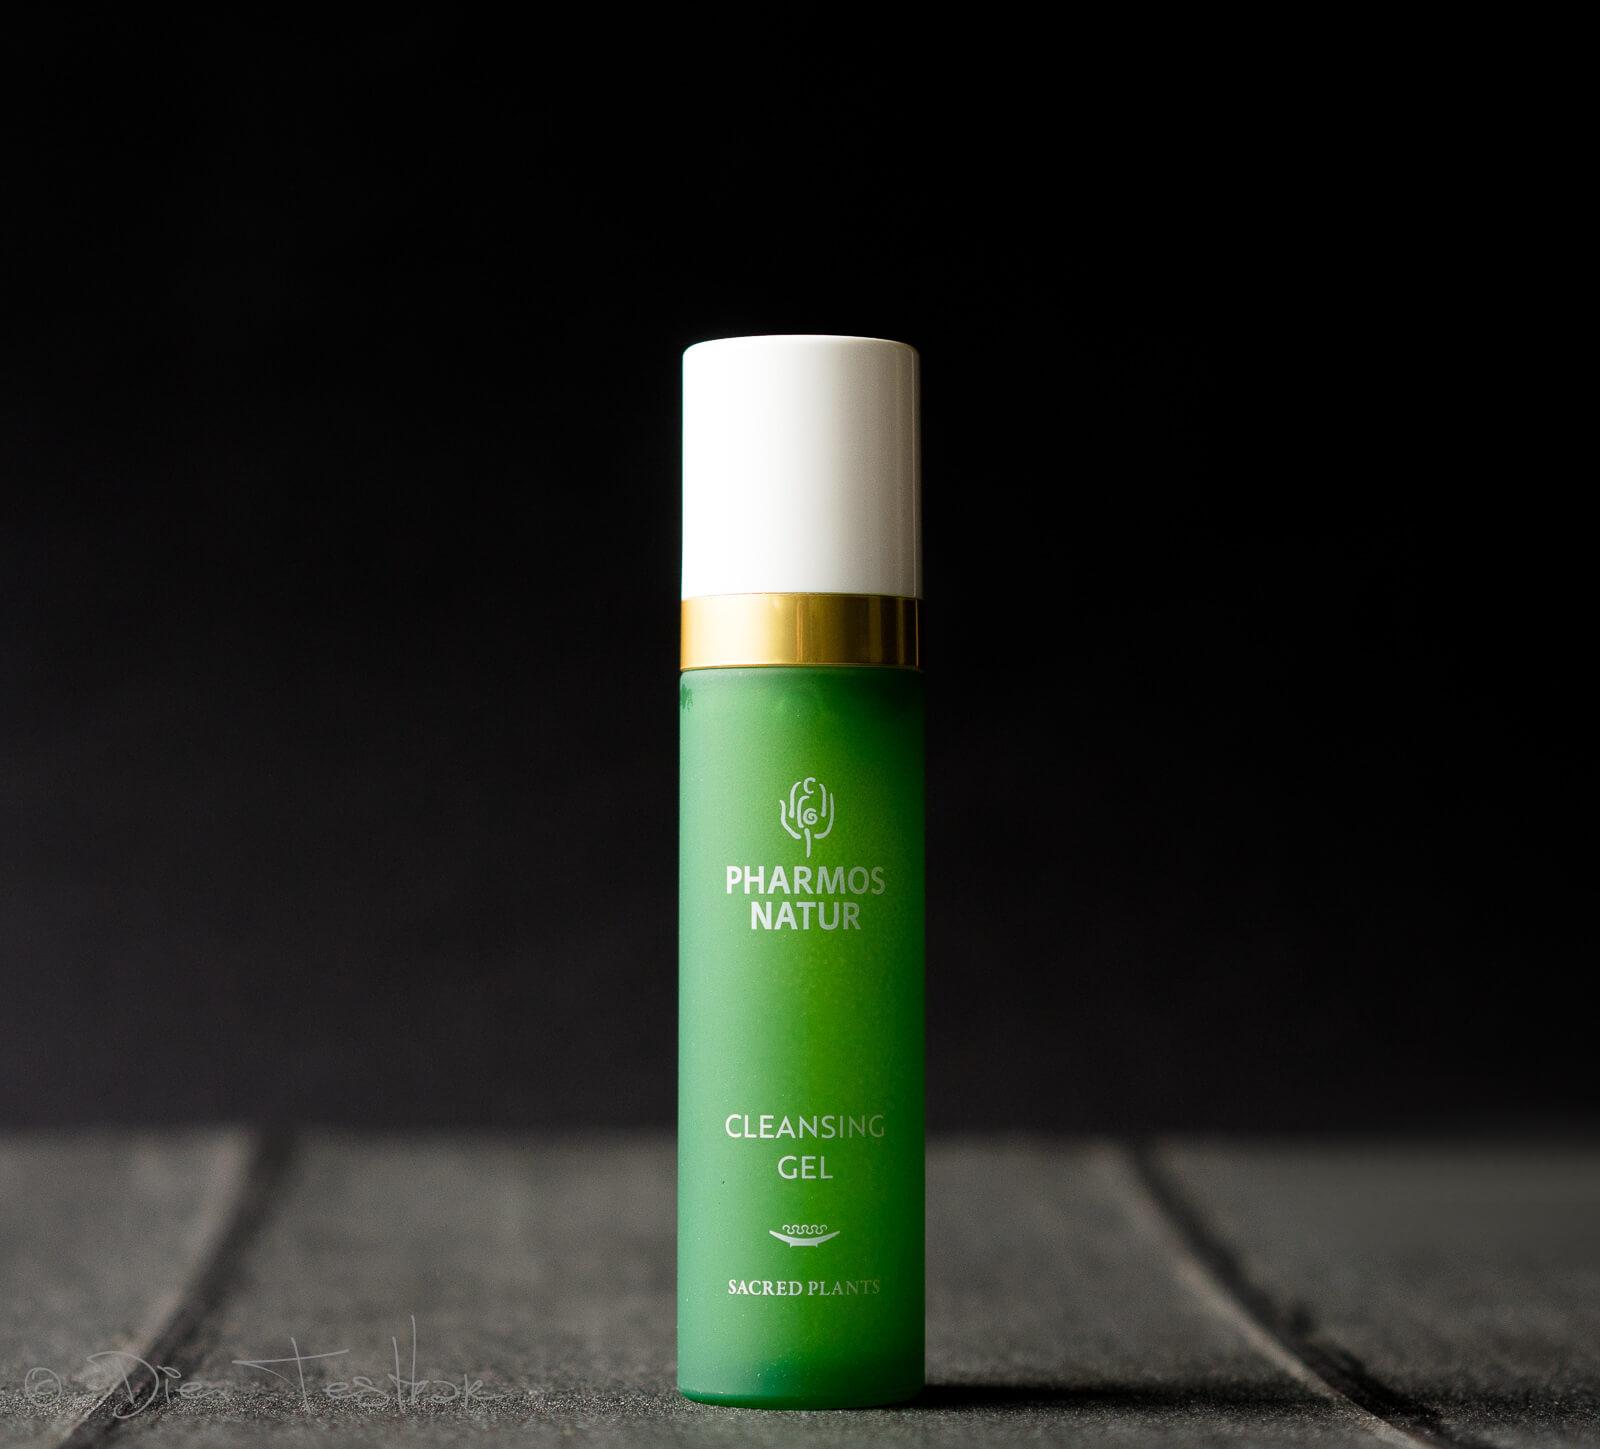 CLEANSING GEL Die tägliche Reinigung mit dem Cleansing Gel befreit die Haut.